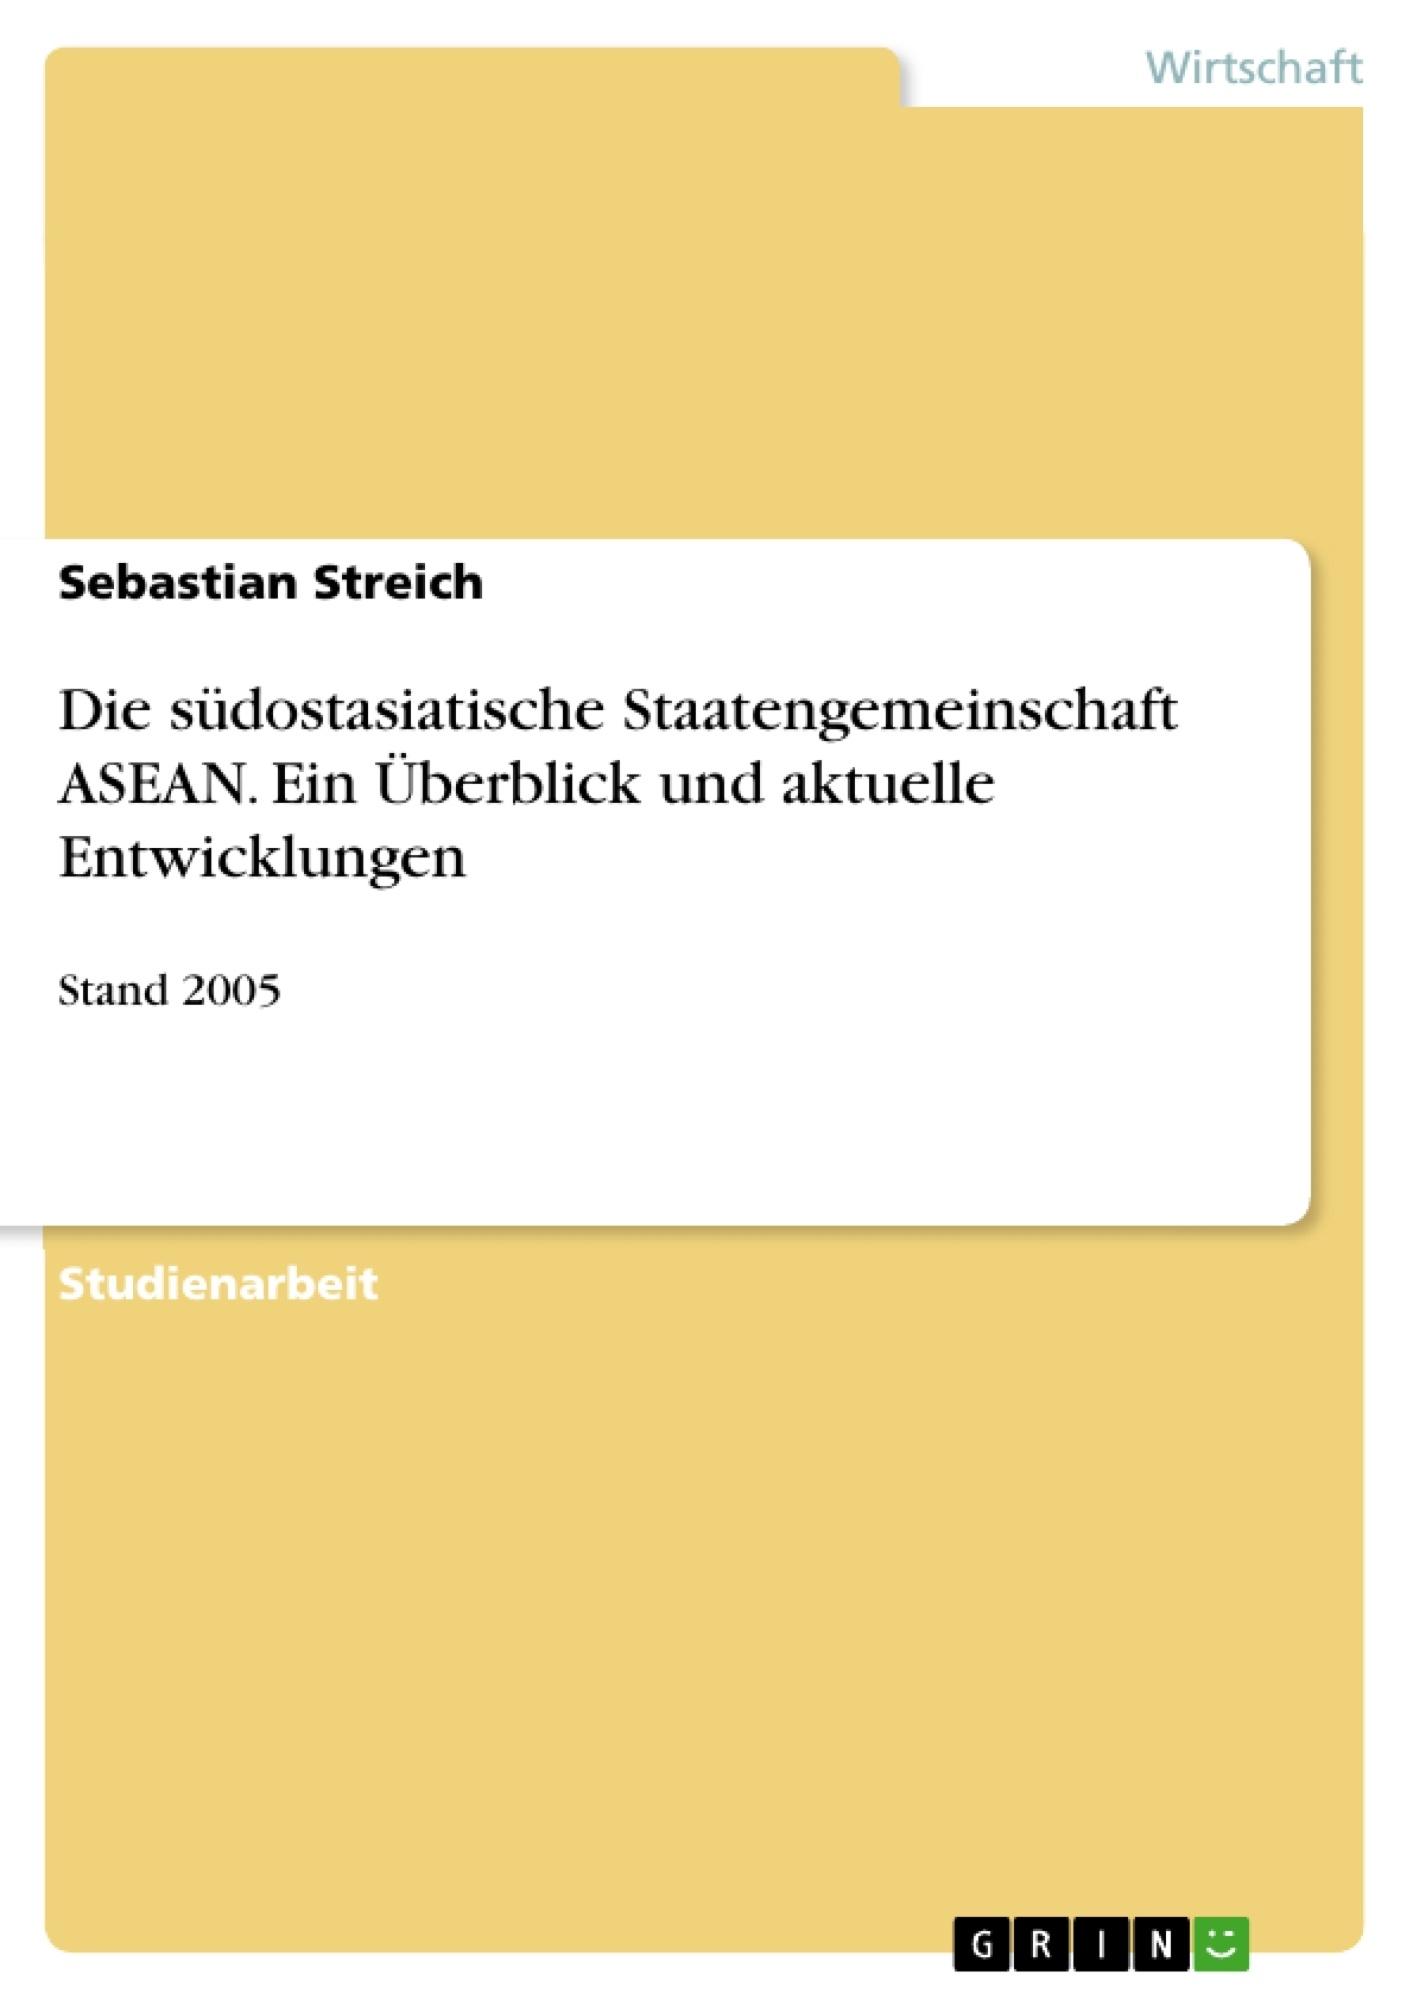 Titel: Die südostasiatische Staatengemeinschaft ASEAN. Ein Überblick und aktuelle Entwicklungen